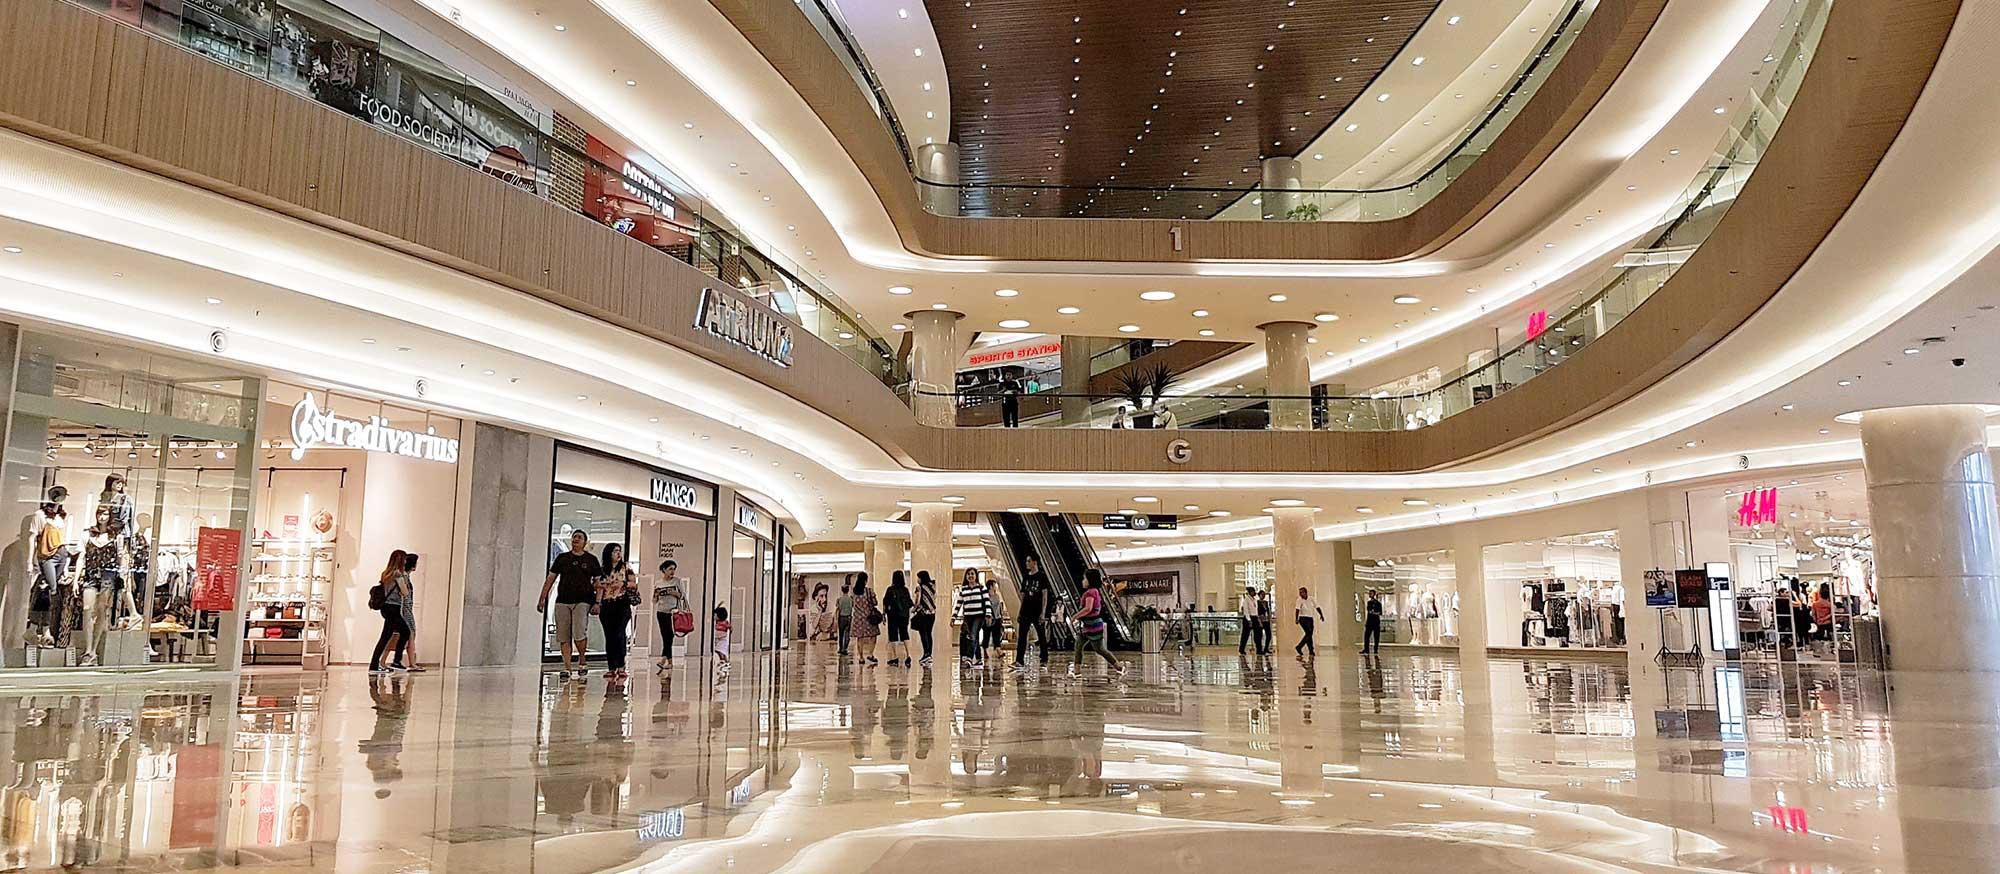 Semua Mall 15 Juni Buka Tidak Semua Tenan Beroperasi dan Terapkan Protokol Kesehatan